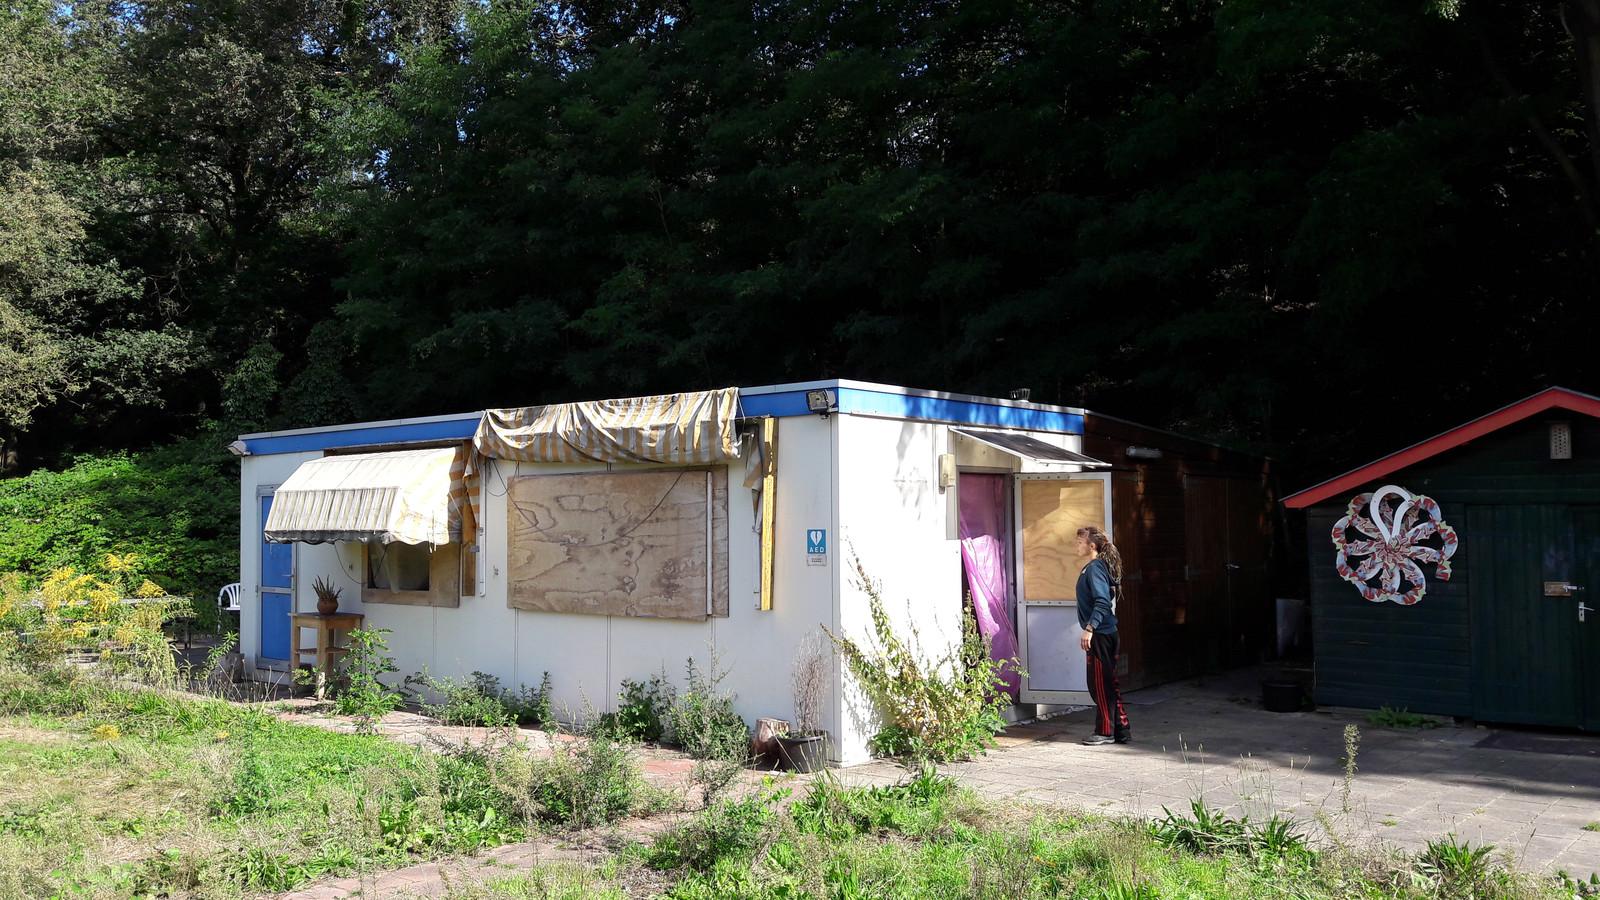 Kraker Mathilde Bokhorst bij haar portacabin op voormalig camping De Braamhorst in Ede